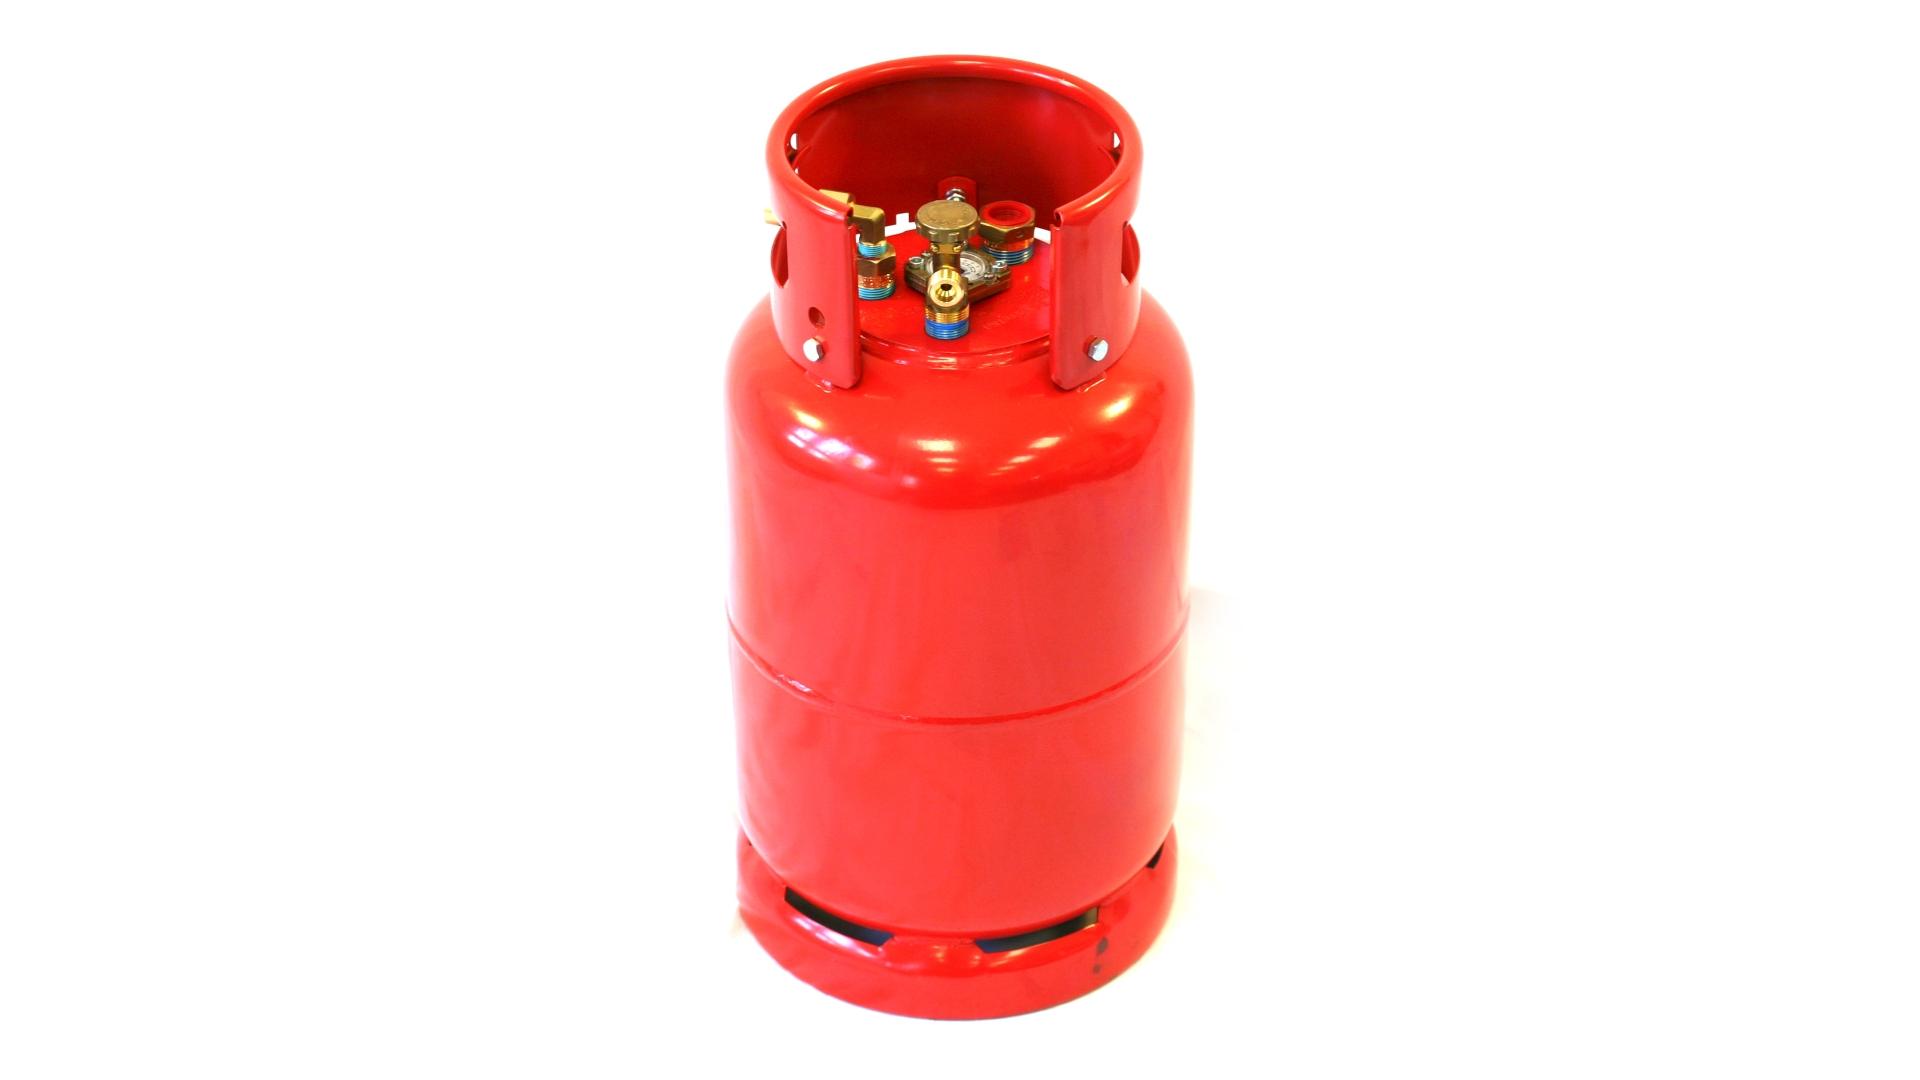 Cilindro de gas GZWM de 36 litros con válvula de tres puntos